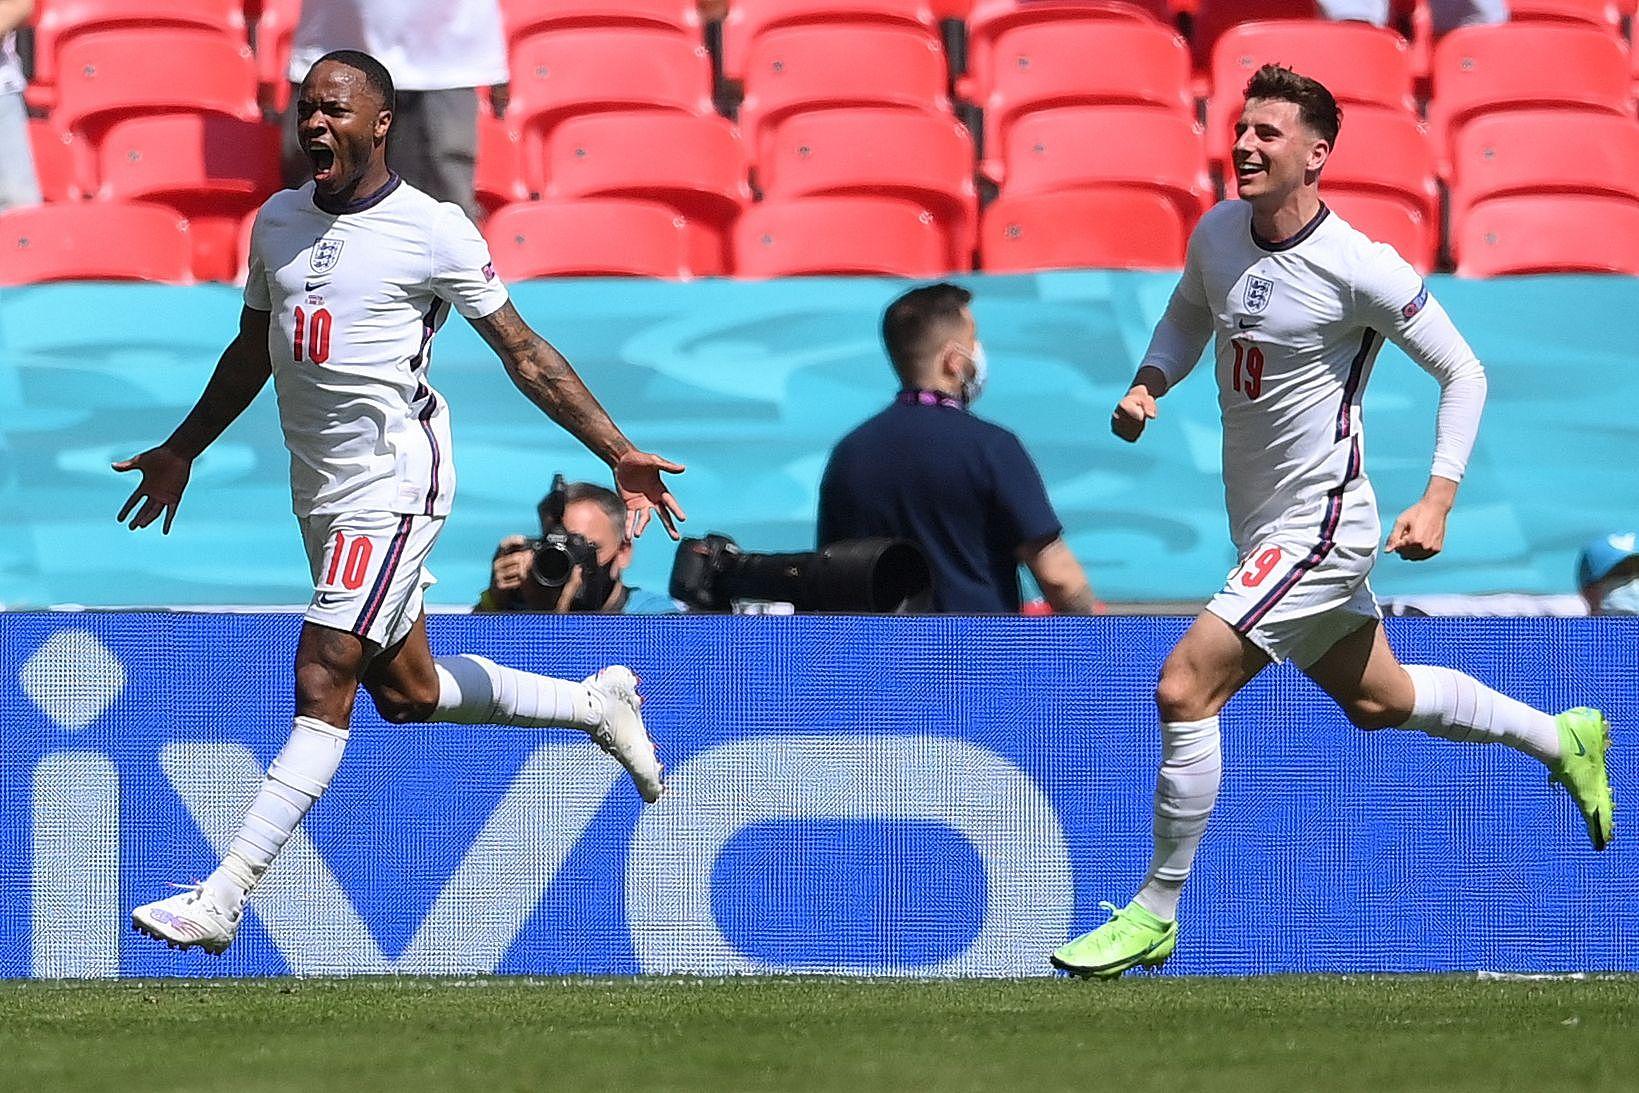 英格兰1-0复仇克罗地亚:打破首秀不胜纪录,斯特林建功